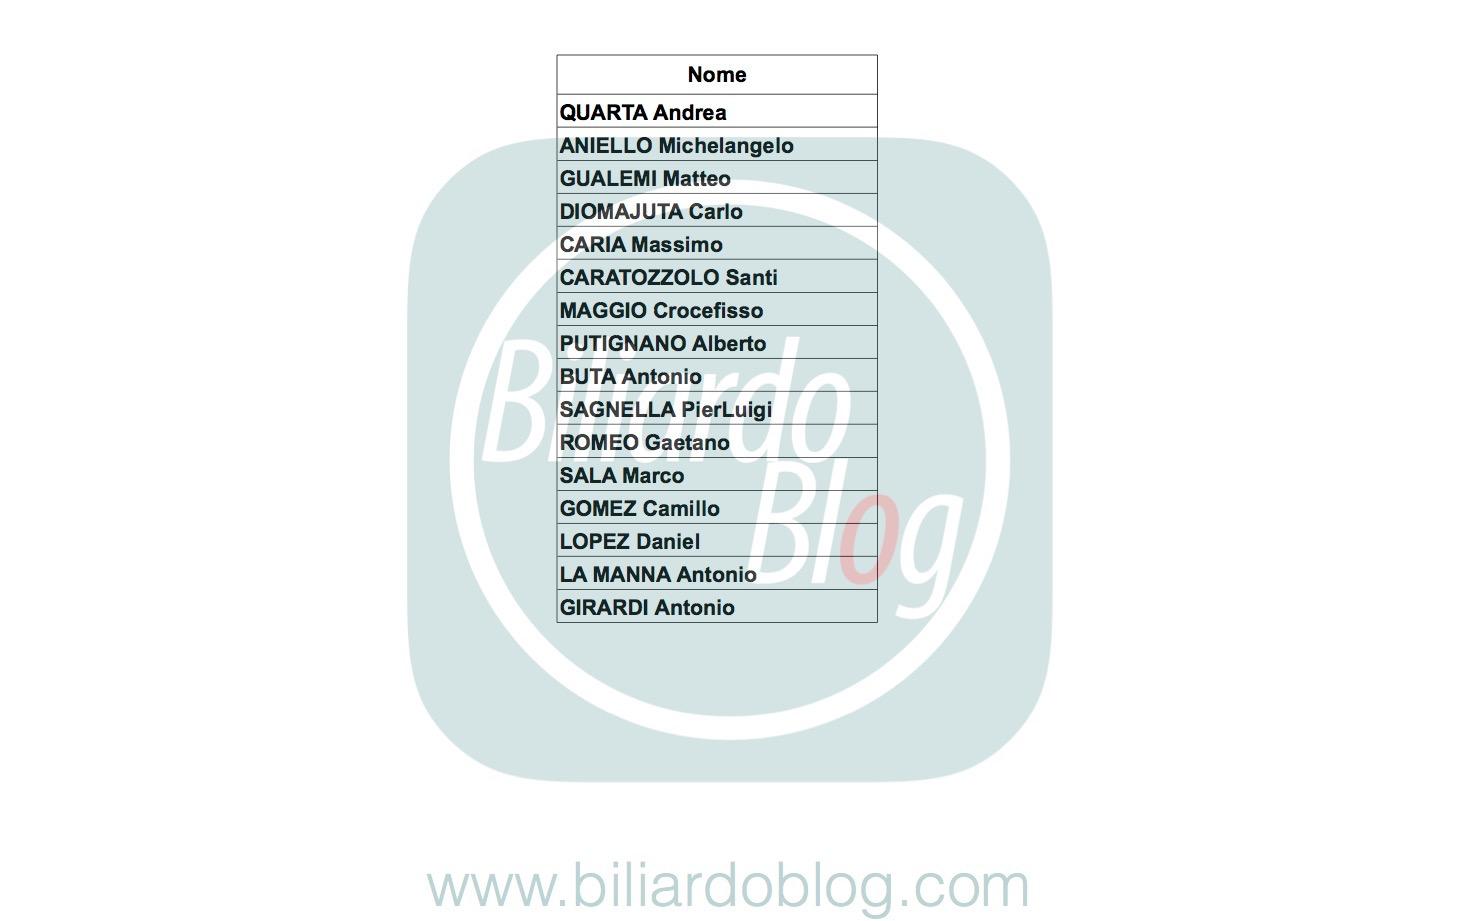 Prima tappa campionato Biliardo 2017: i Pro